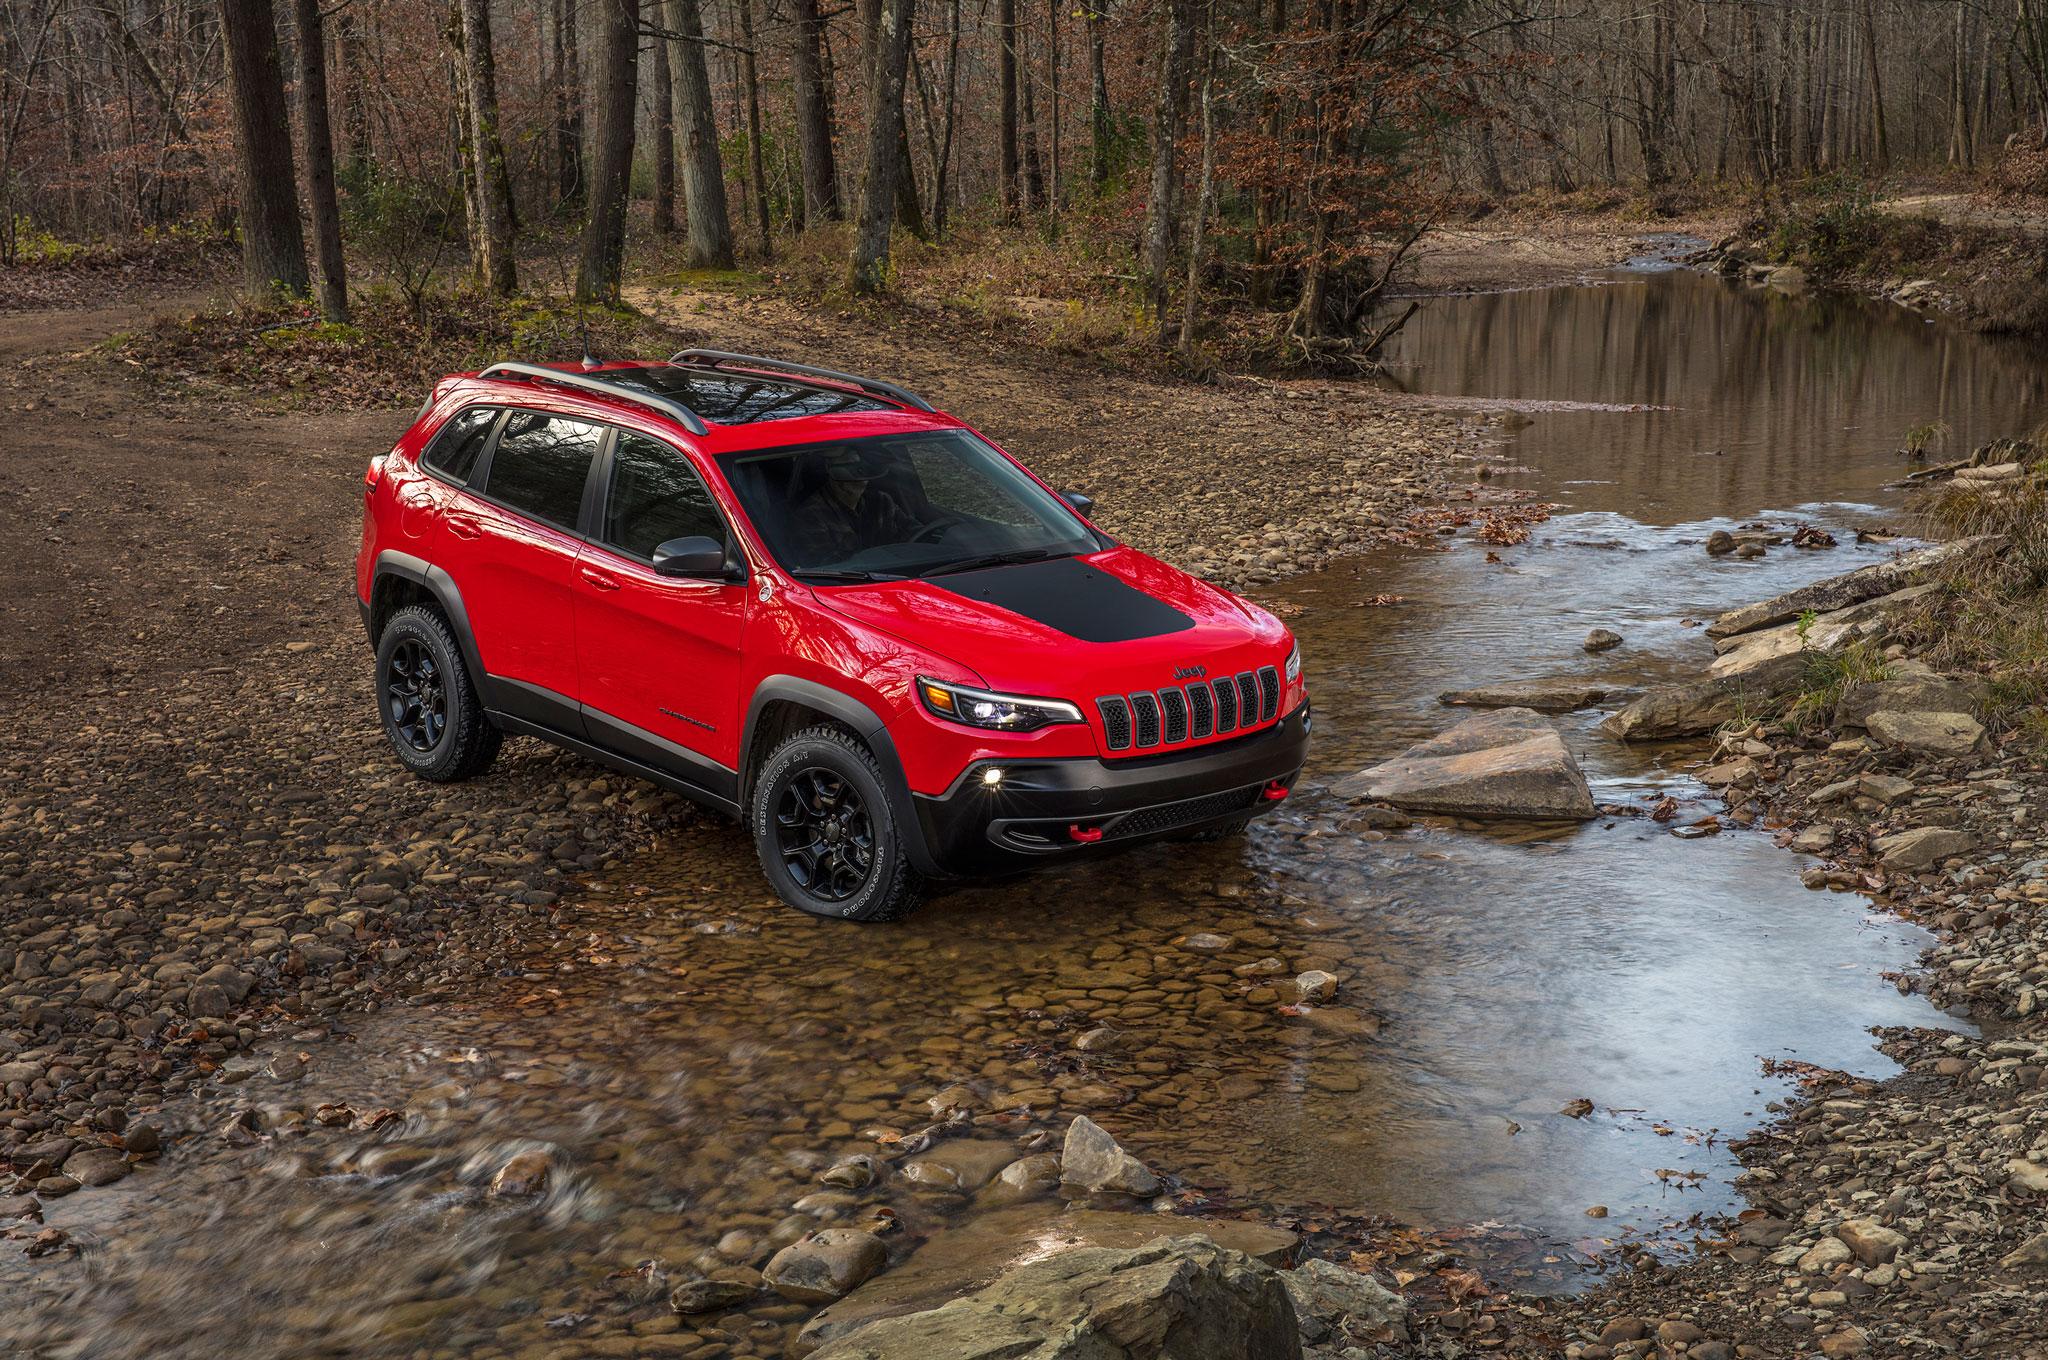 2019 Cherokee trailhawk rear stream cross 4